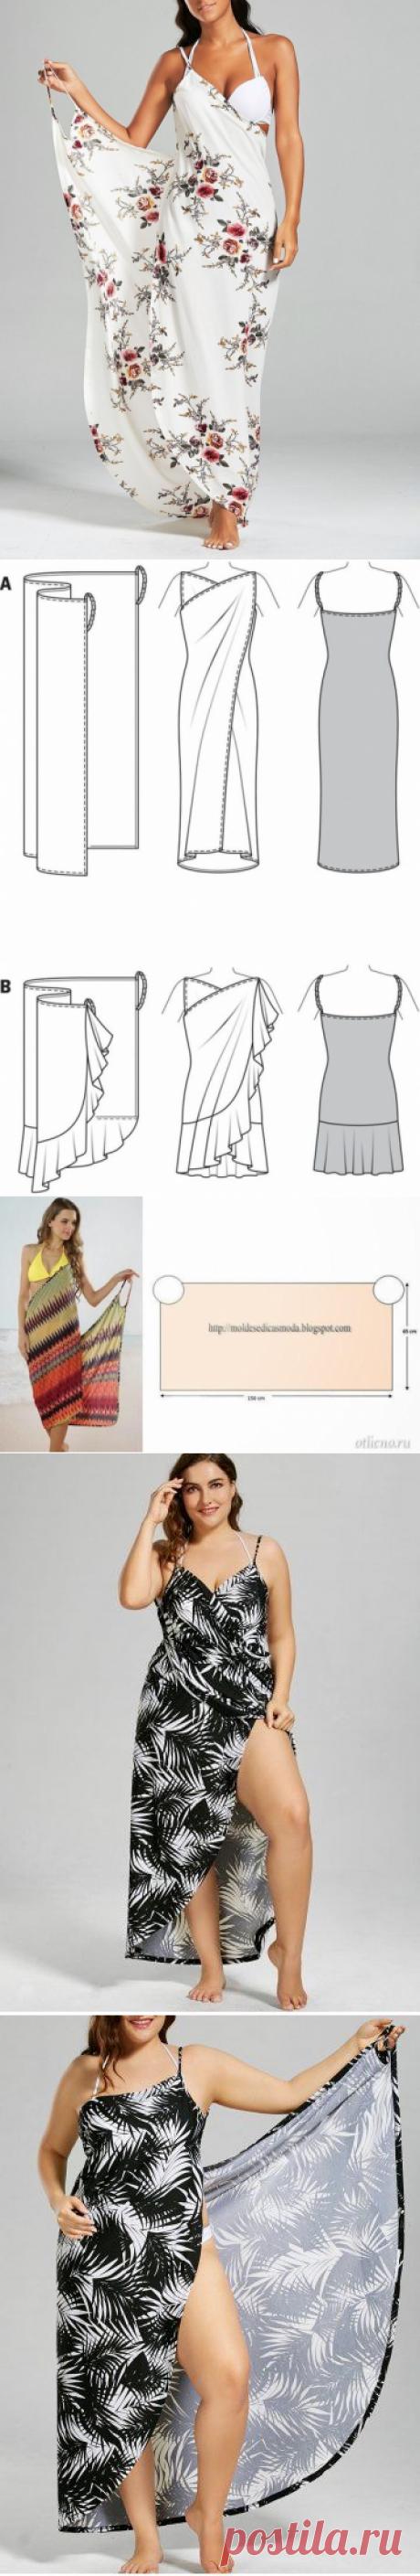 Моделирование простейшего пляжного платья — Сделай сам, идеи для творчества - DIY Ideas